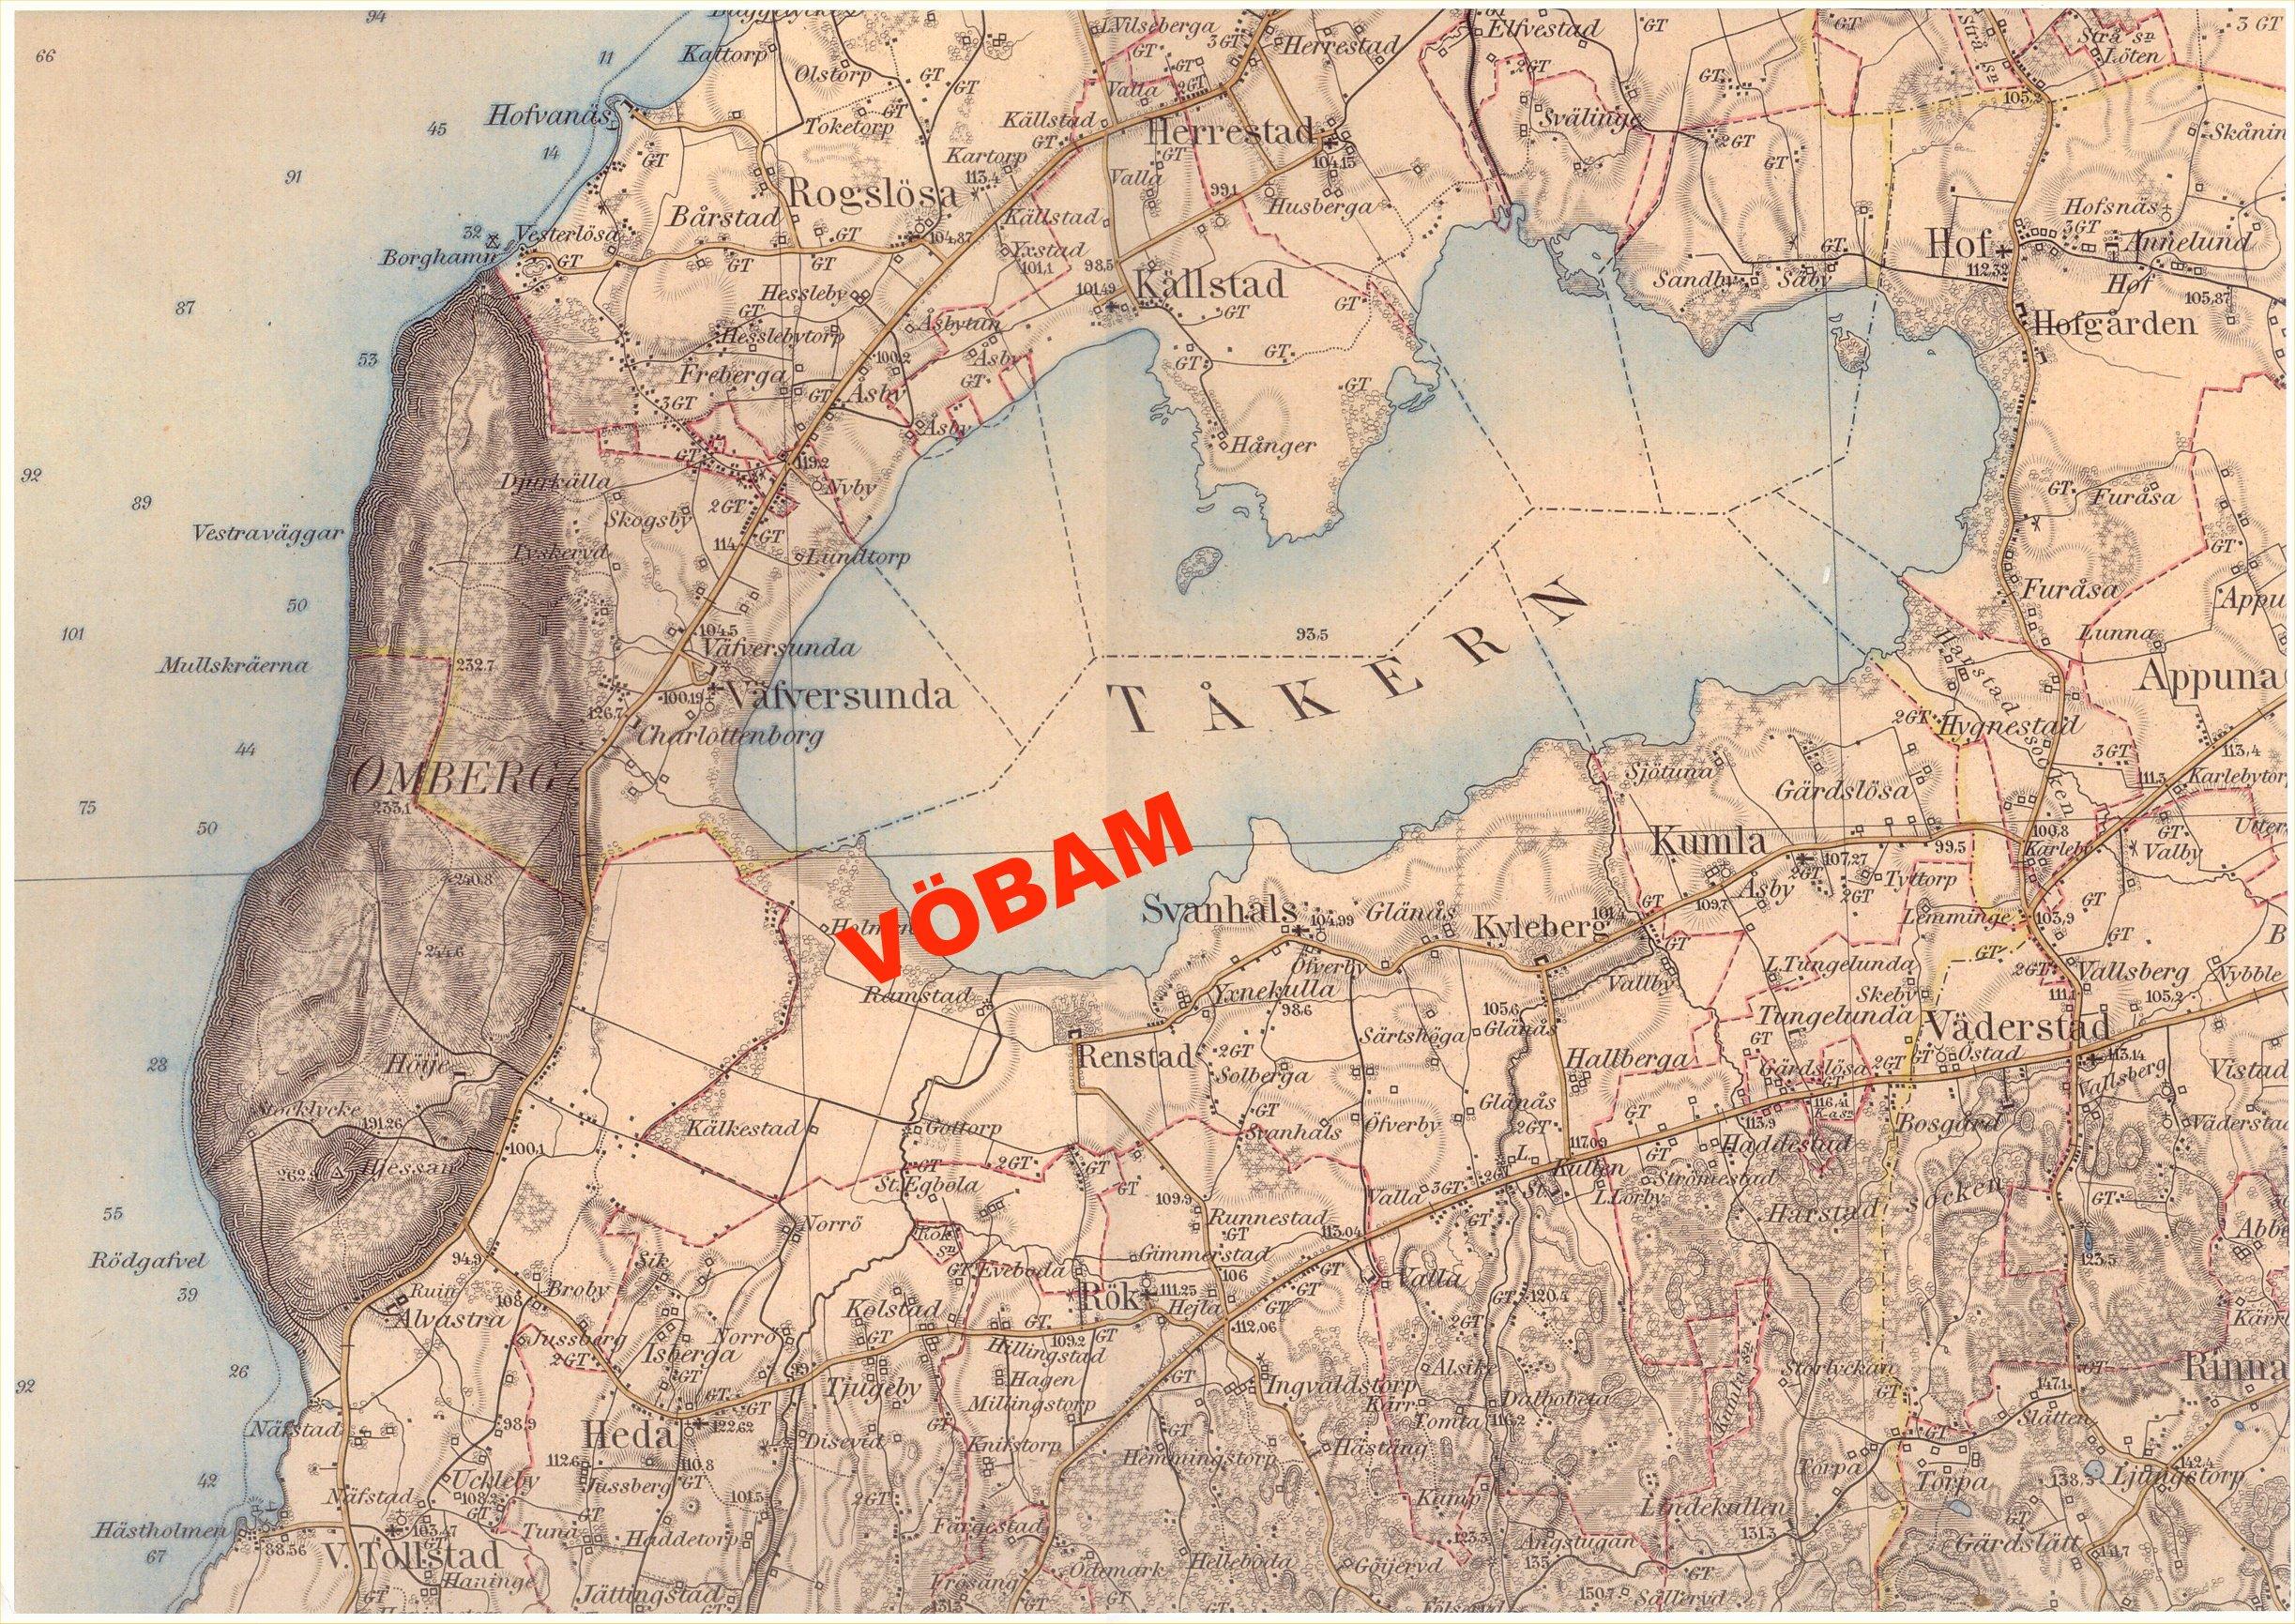 ekonomisk karta över sverige VÖBAM   Bilder och kartor från hela världen, antika och nytryck. ekonomisk karta över sverige